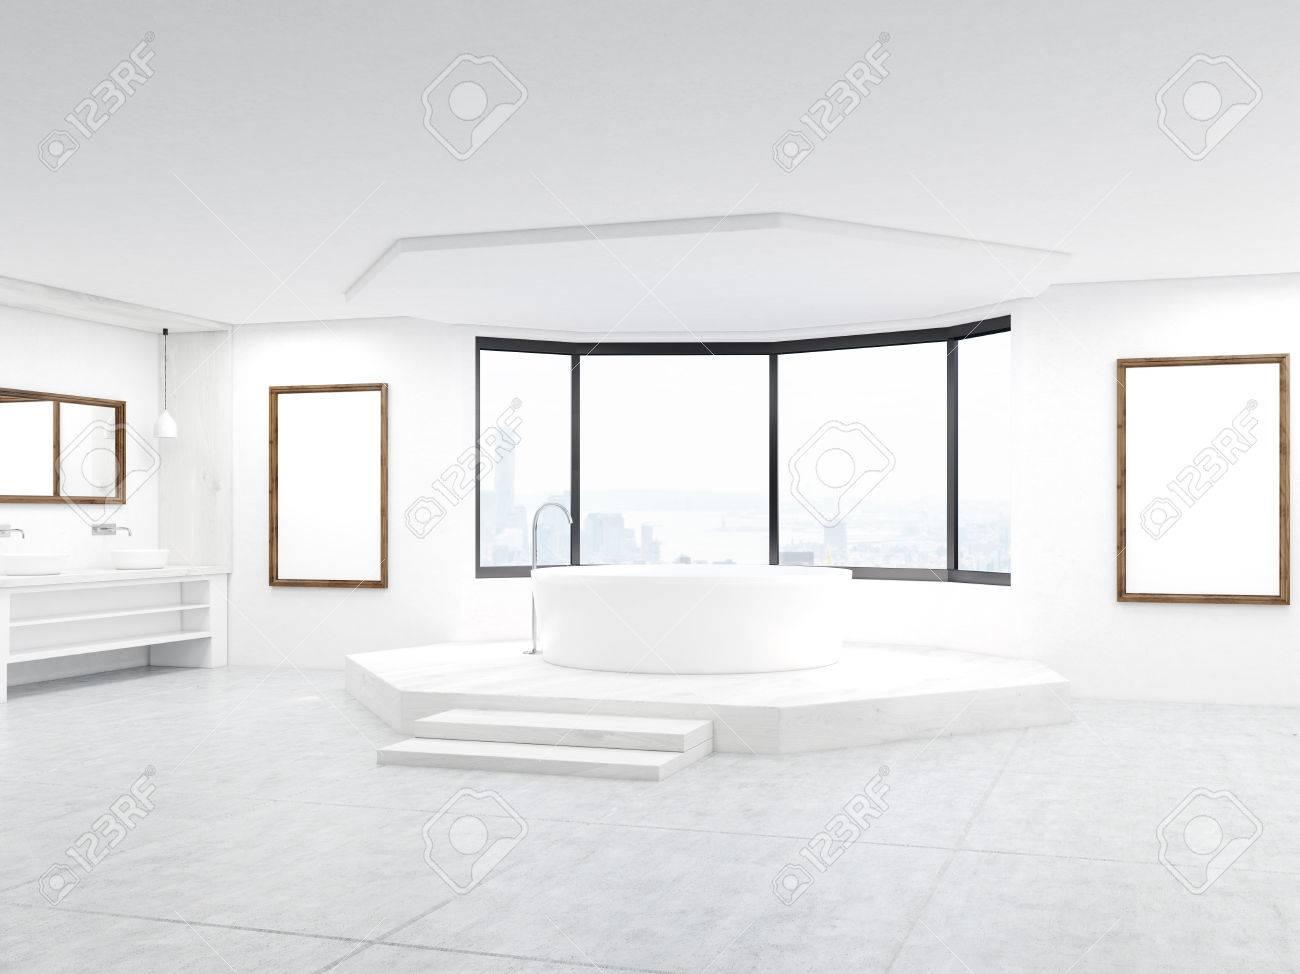 Badezimmer Mit Treppen Und Spiegel. Poster An Der Wand Und Große Fenster.  Konzept Der